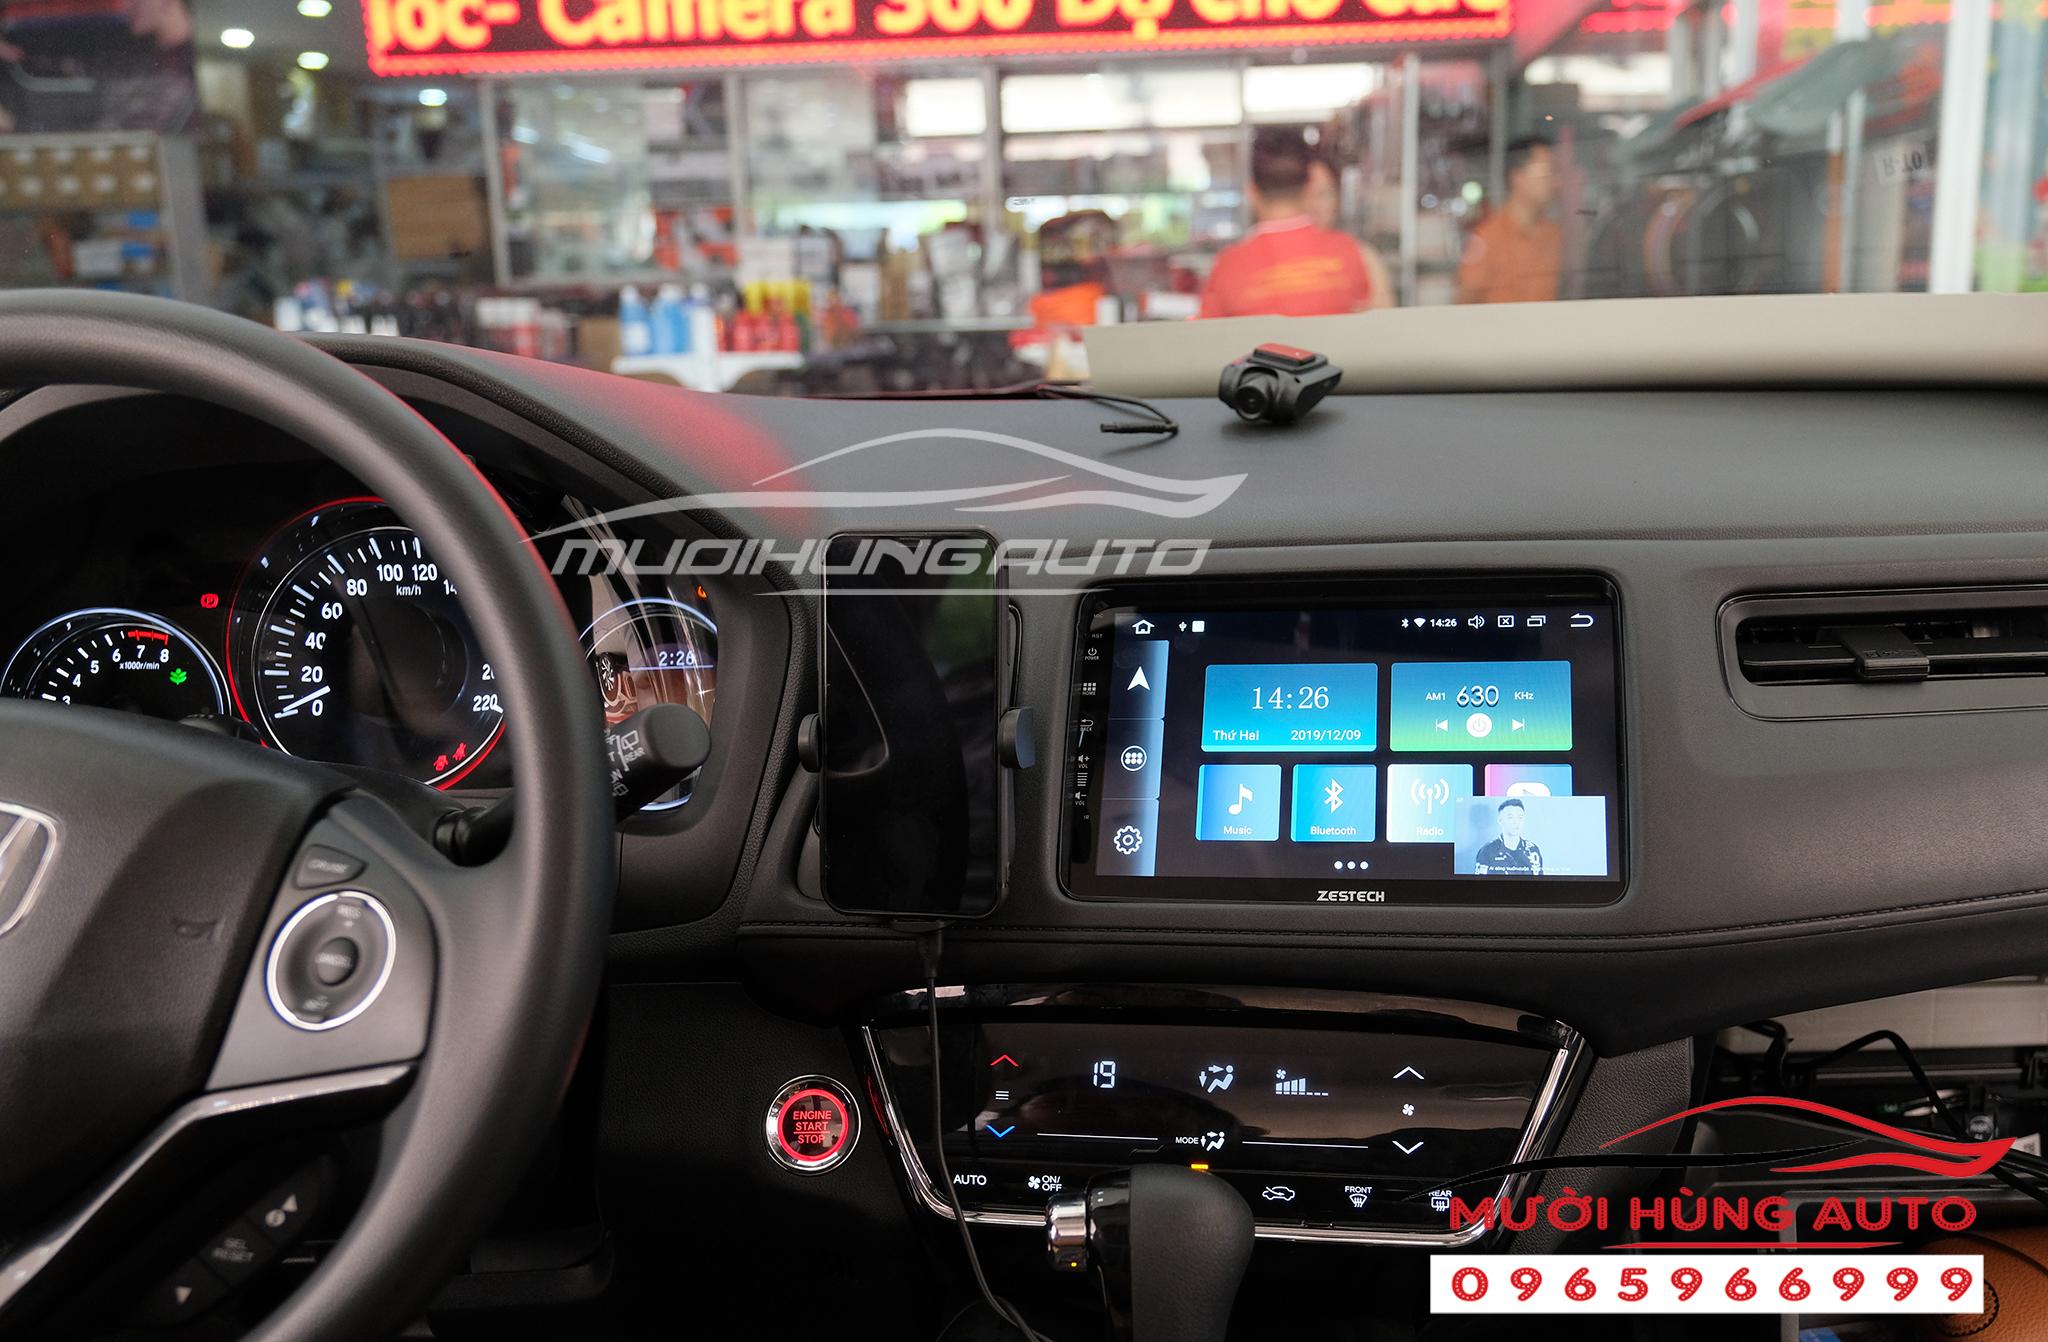 Gắn dvd cho xe Honda HRV Zestech Z800 Pro